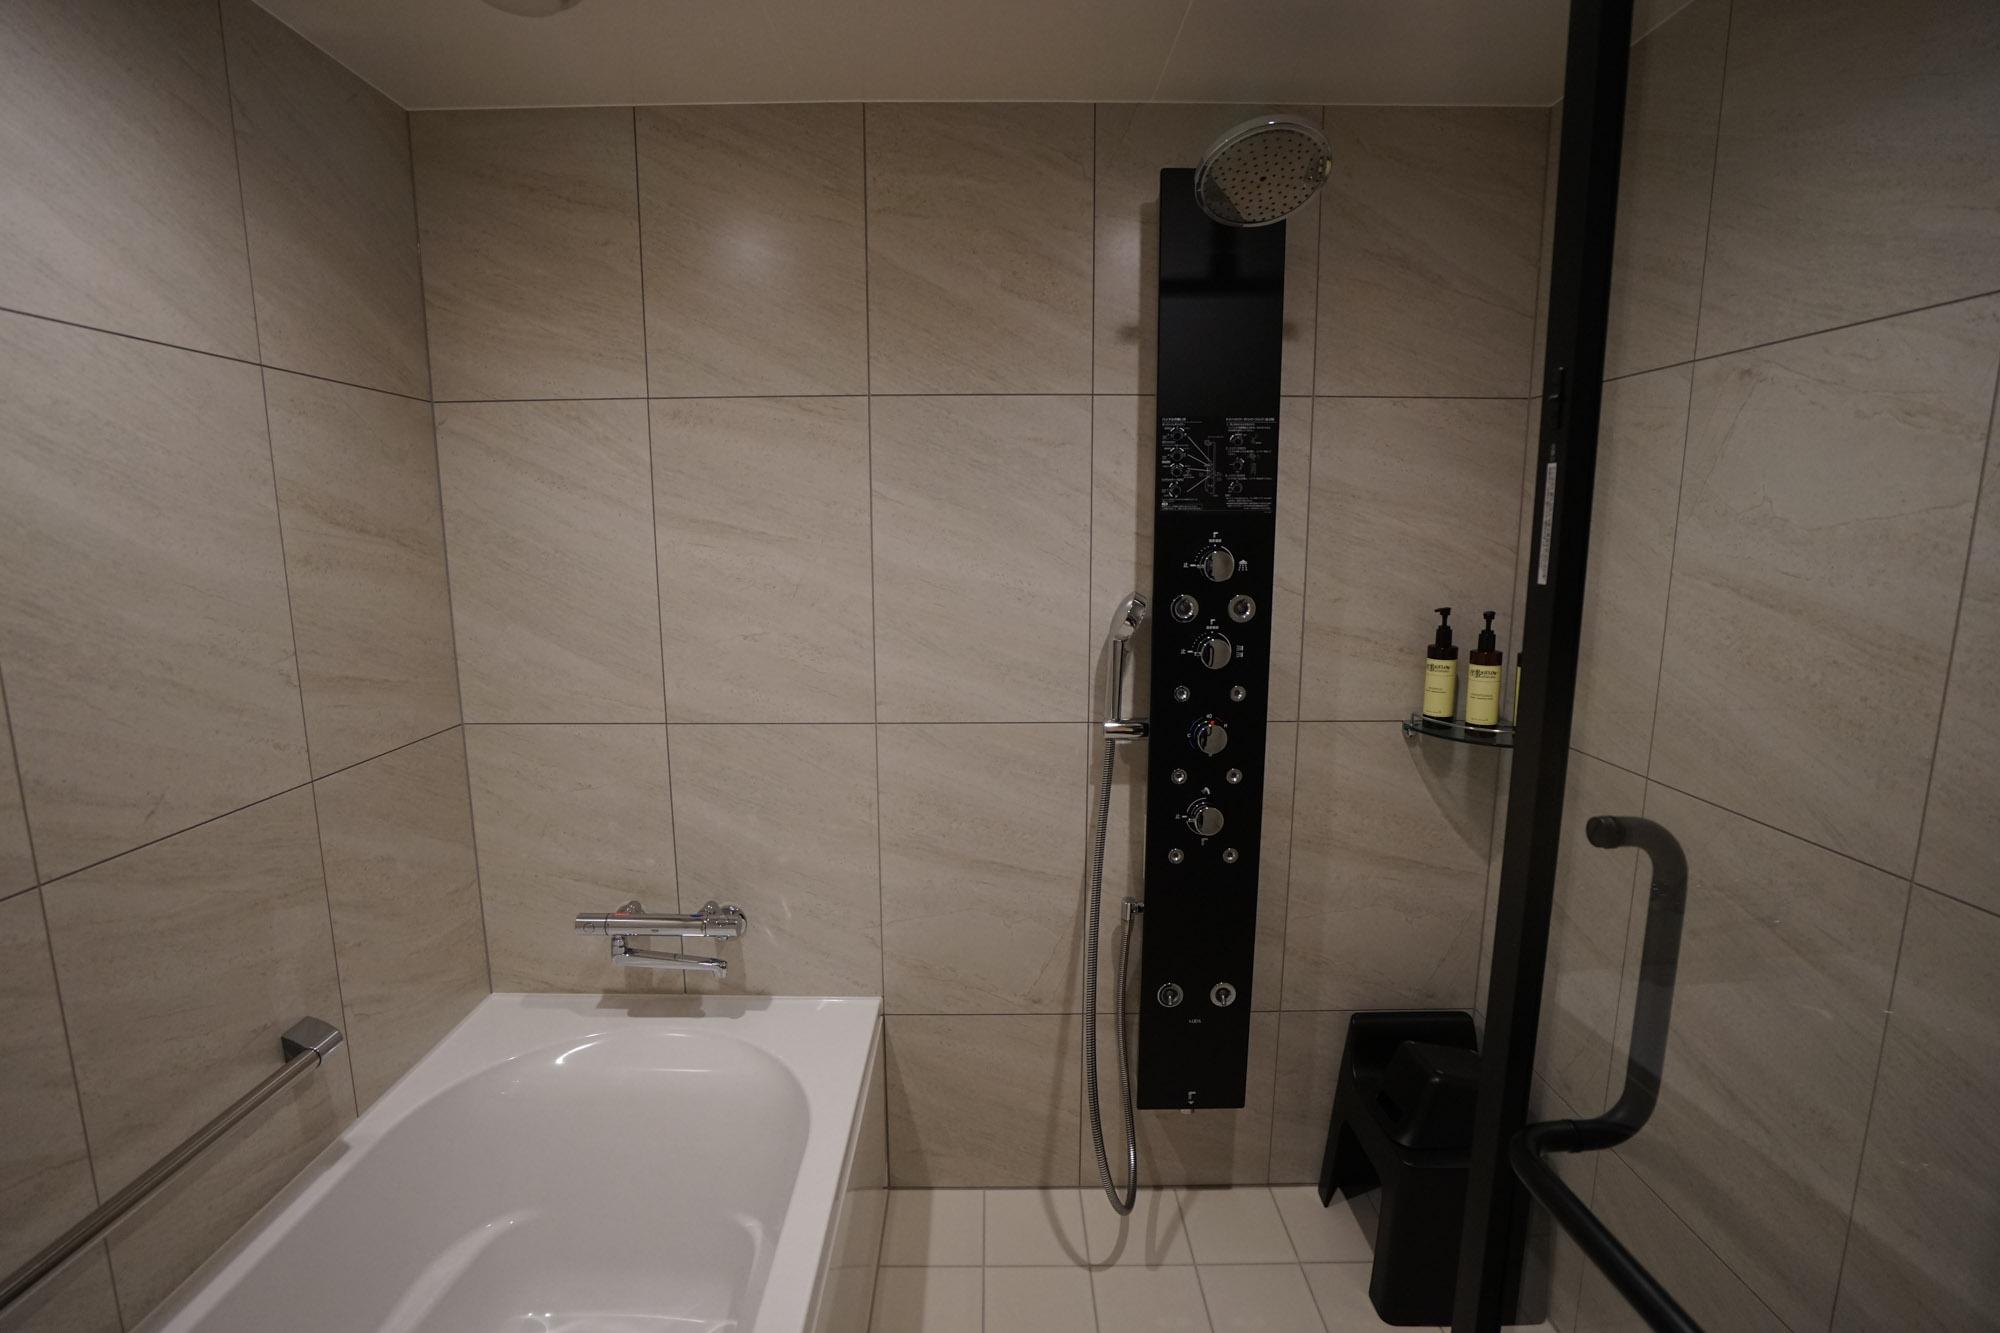 洗い場もある大きなお風呂。こだわりのシャワー設備があります。